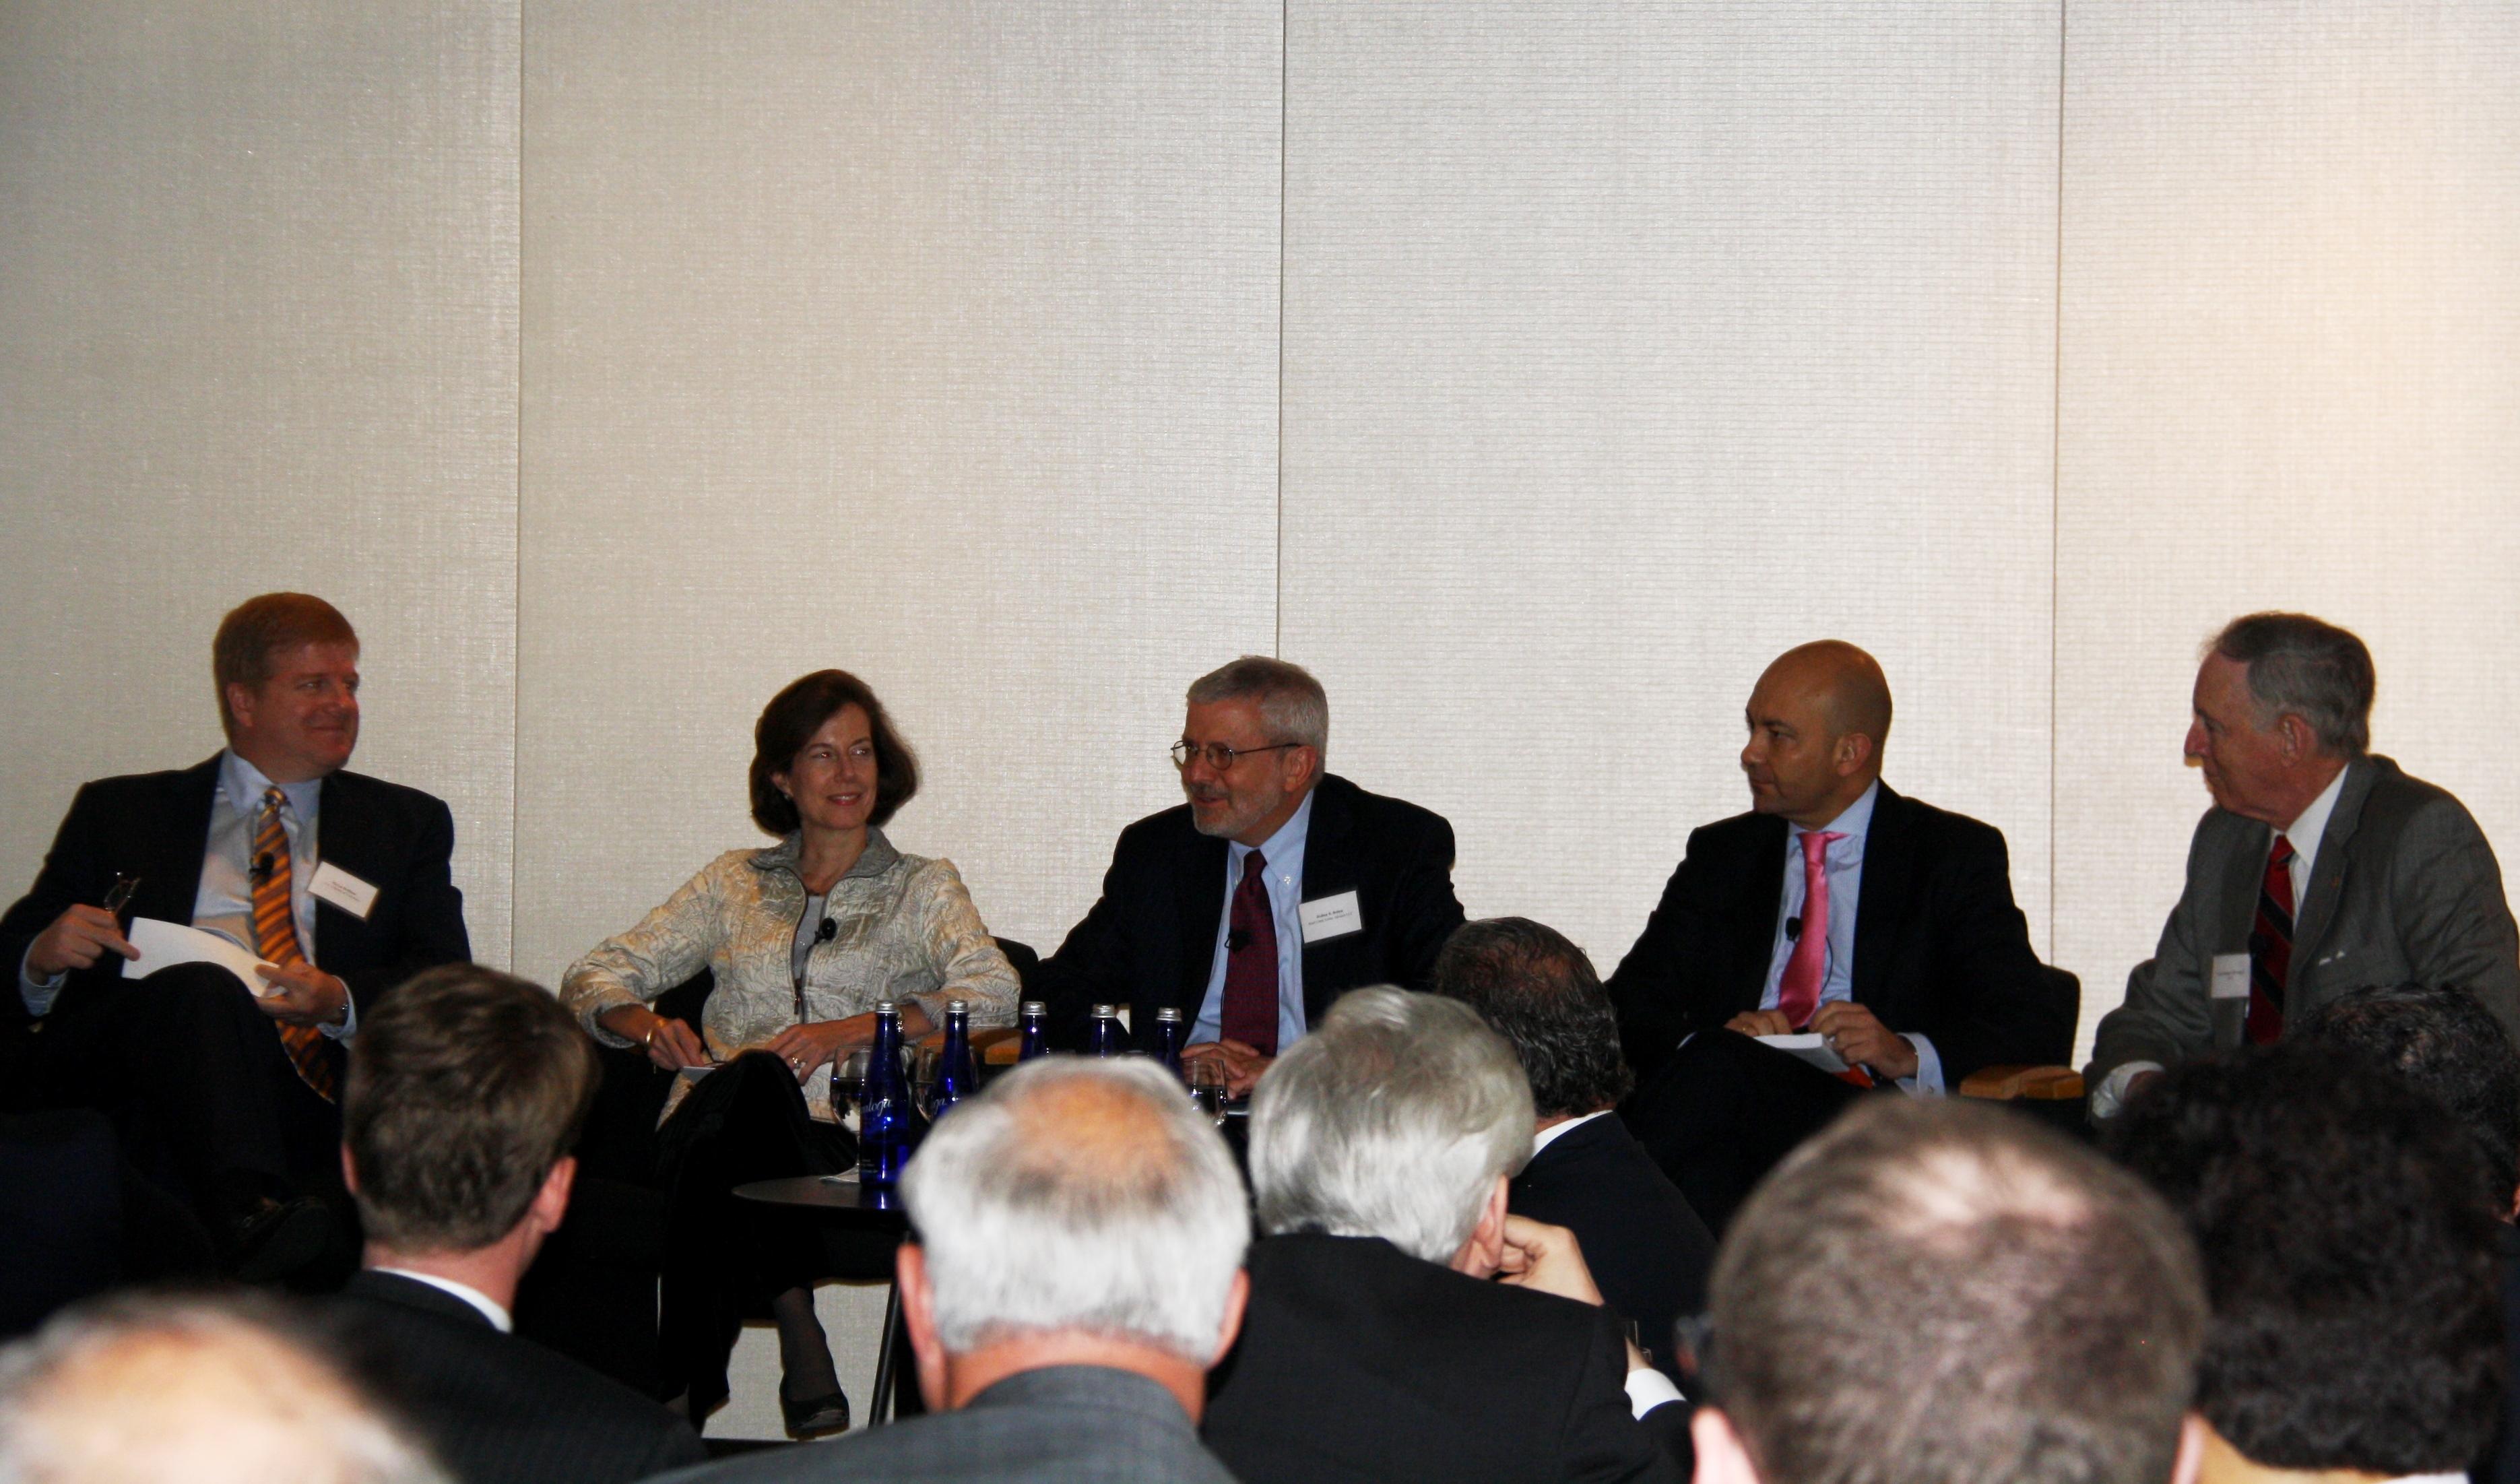 Ambassador Sapiro speaks on panel